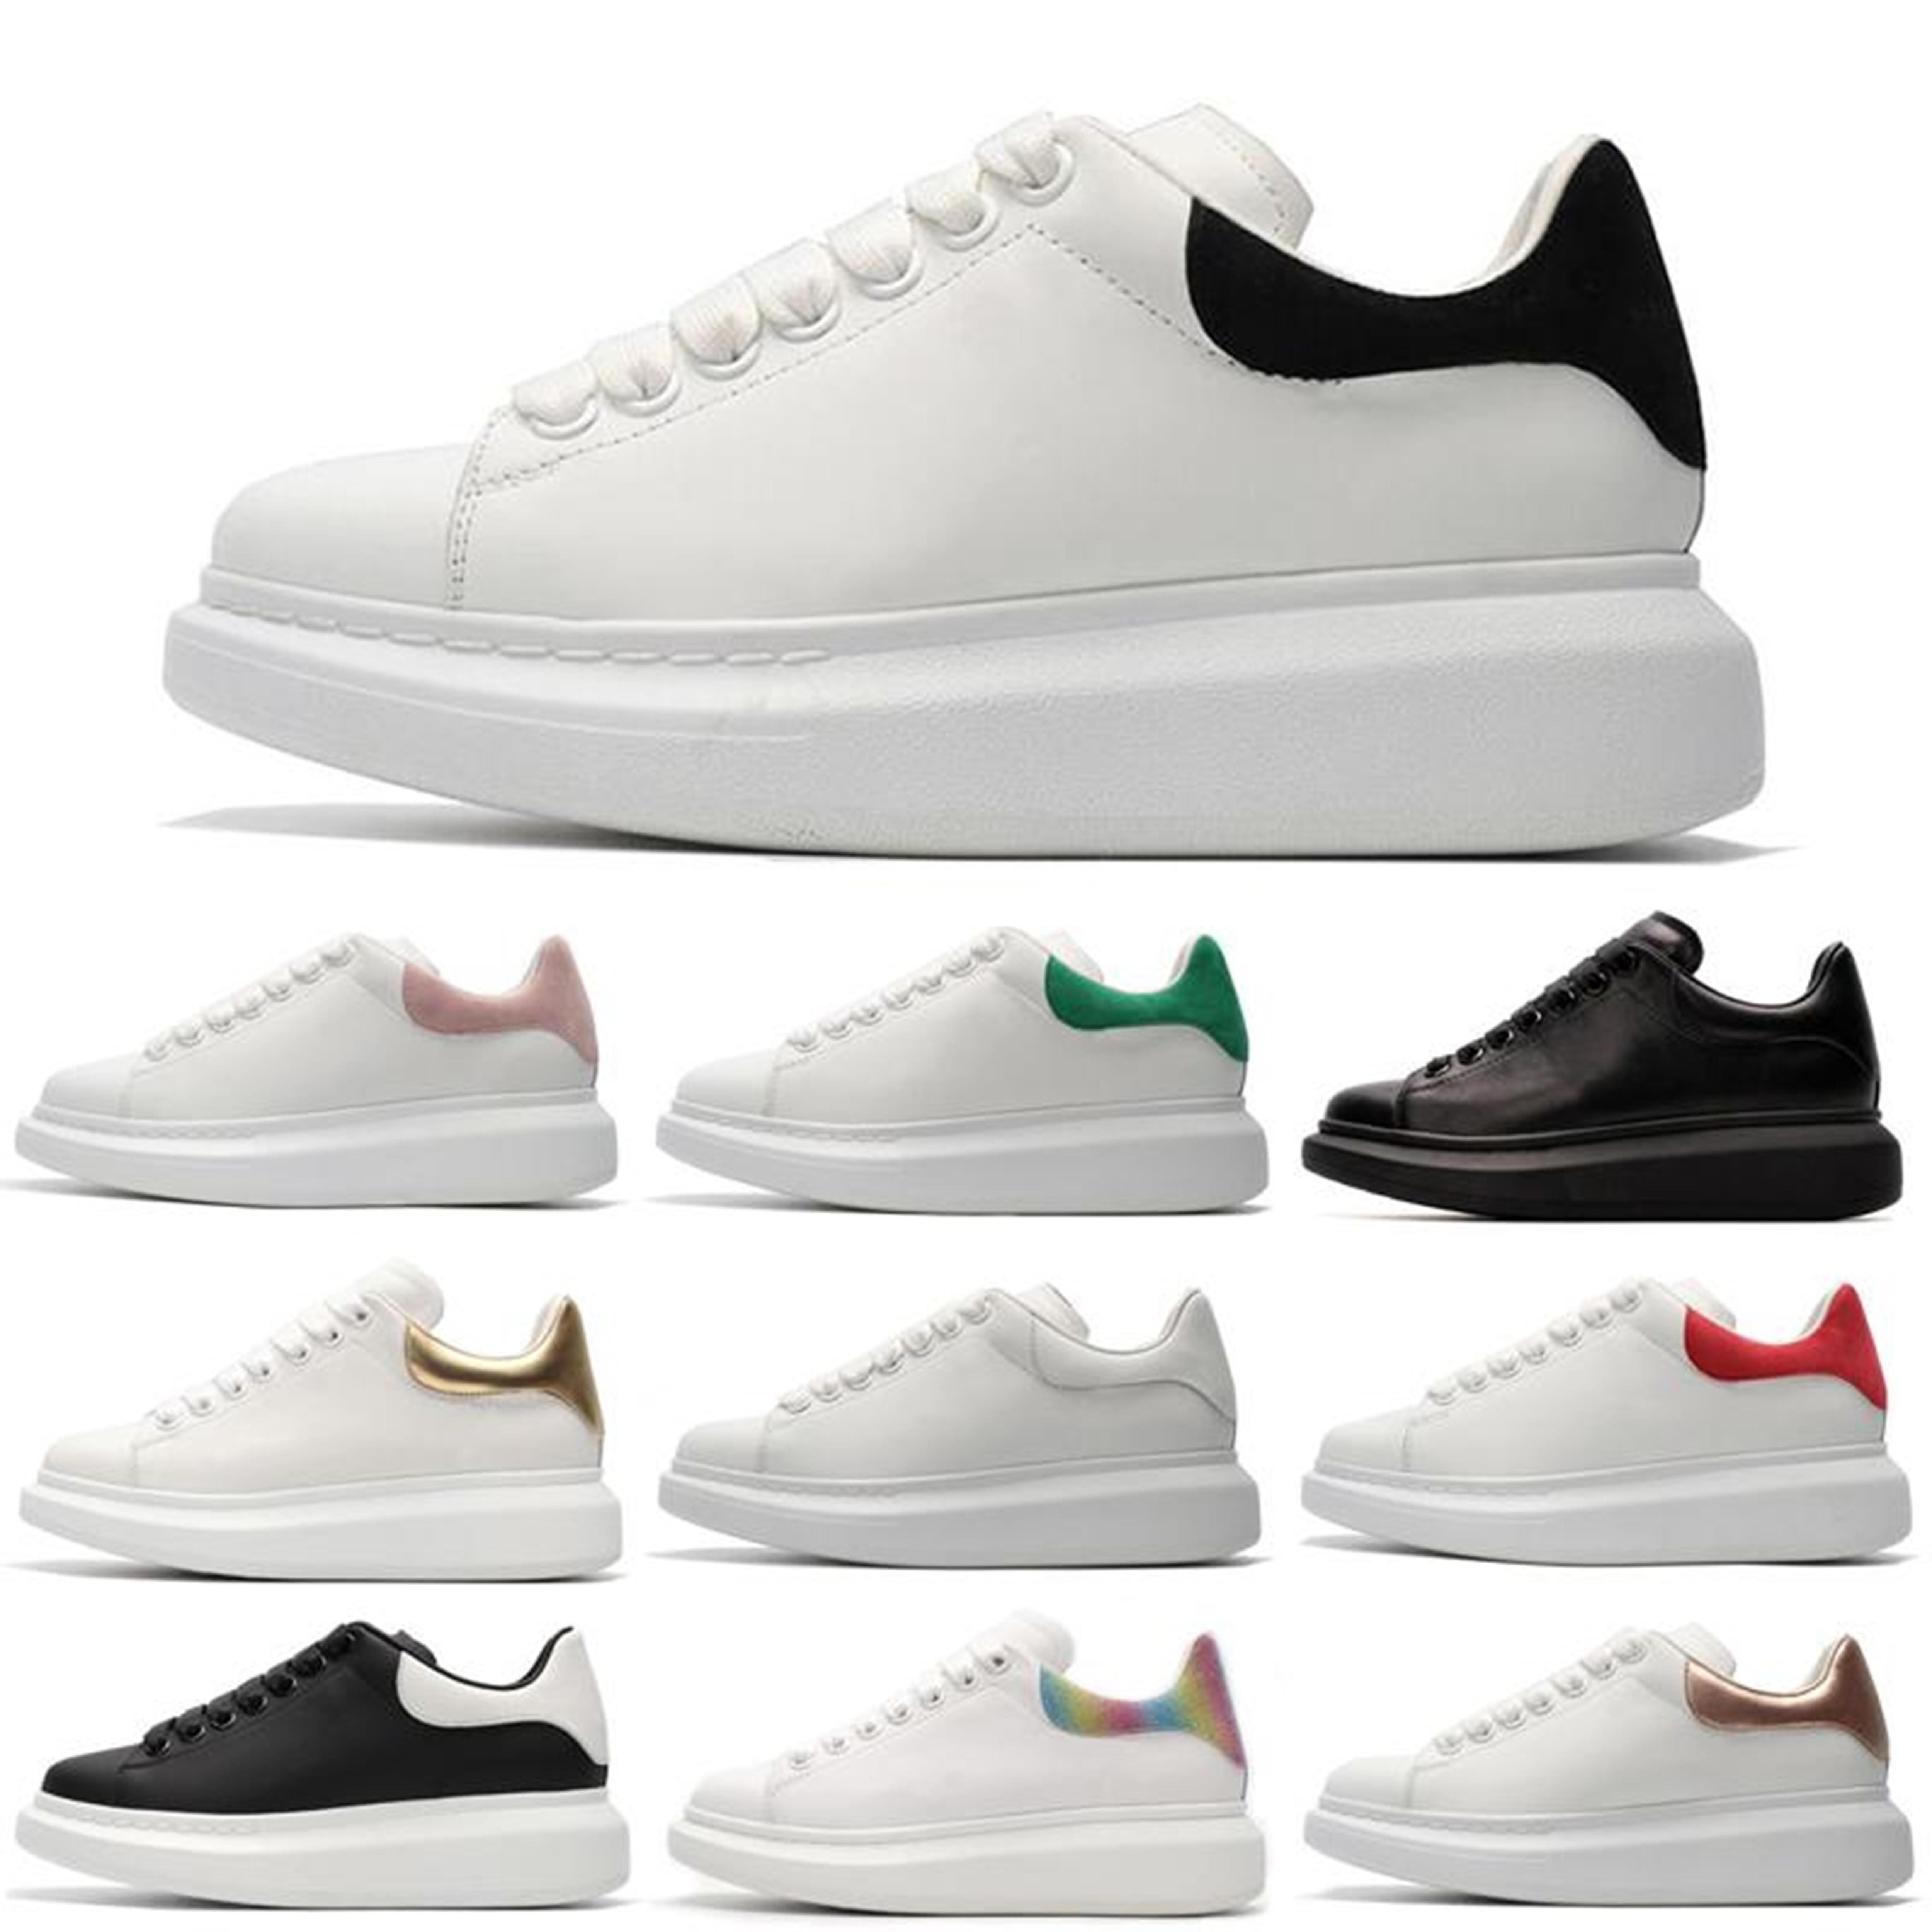 Nuevos hombres para mujer azul Velet Back Platform Sneakers Blanco Cuero genuino entrenadores Comfort Bonita niña Venta al por mayor Zapatos casuales Tamaño 36-45